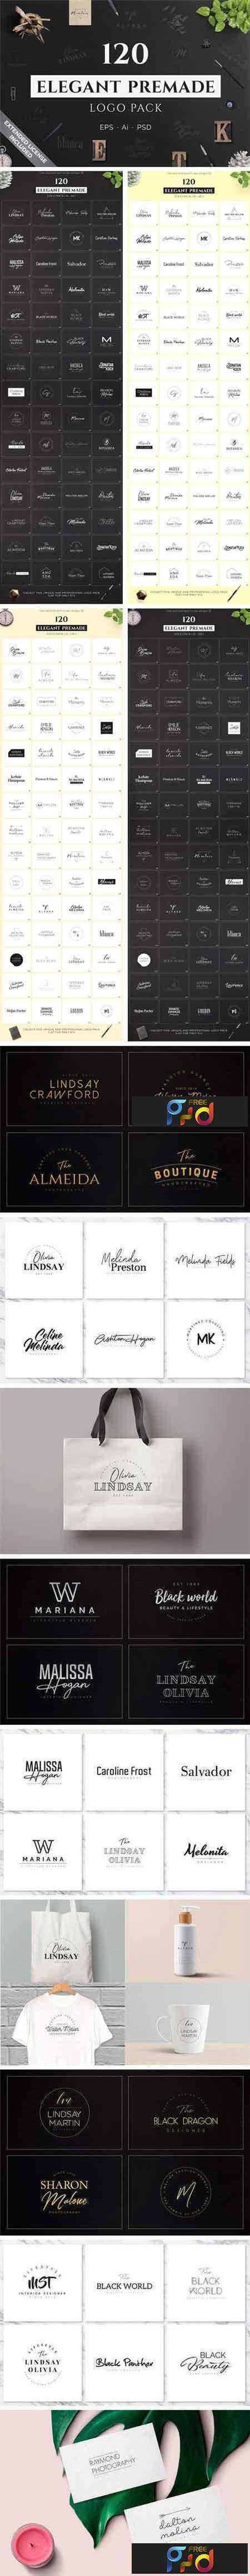 1805039 120 Elegant Premade Logo Pack 2182037 1